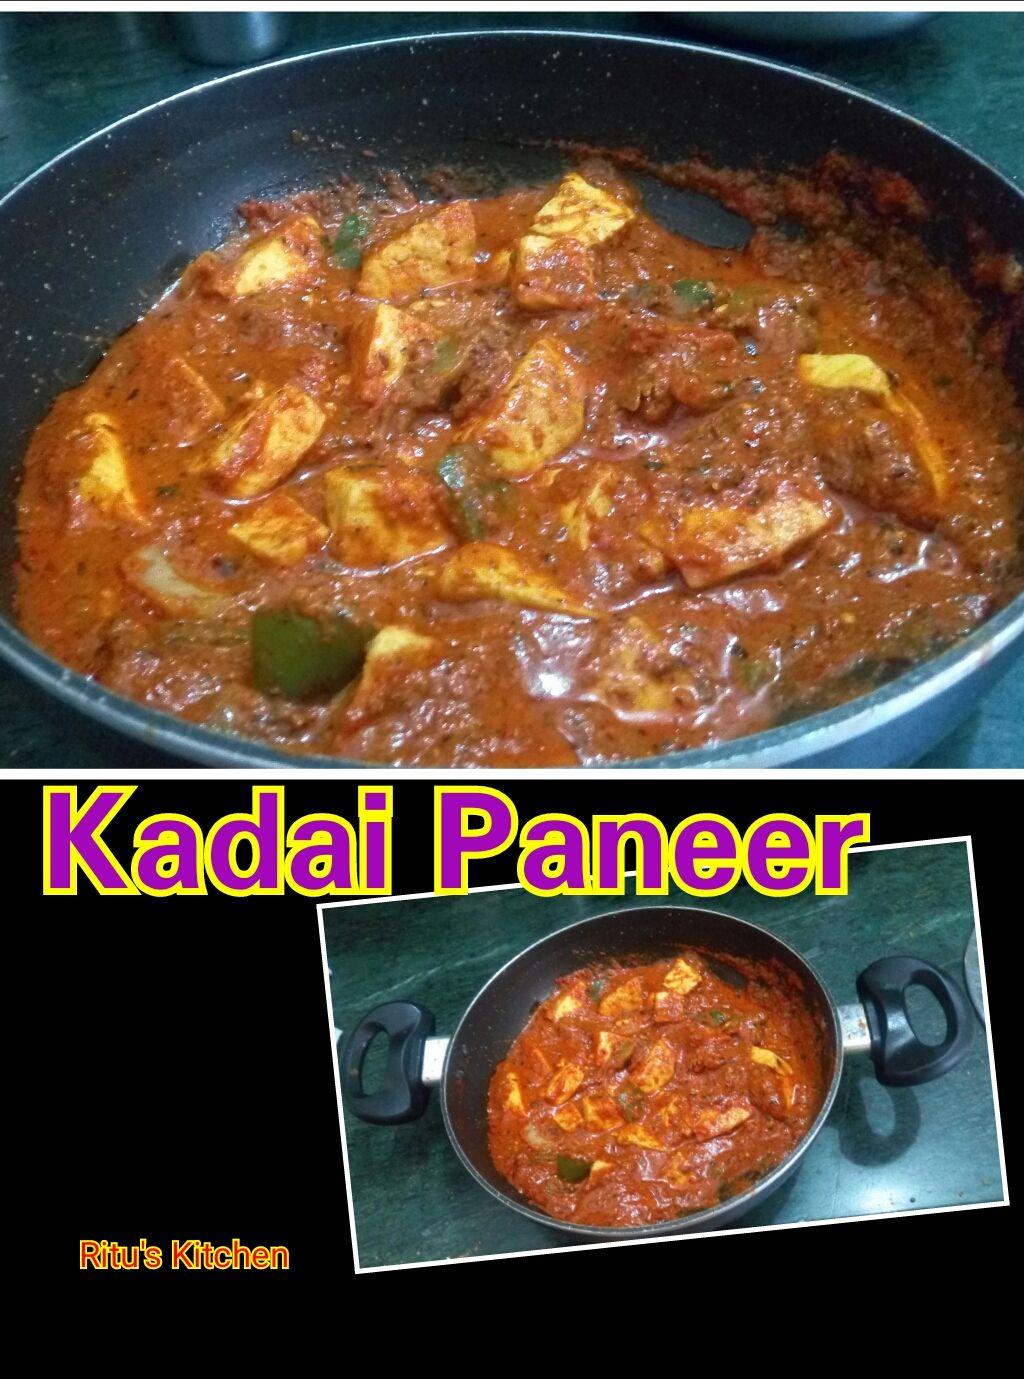 kadai paneer recipe how to make kadai paneer paneer recipe homemade kadai paneer masala on hebbar s kitchen kadai paneer id=94812